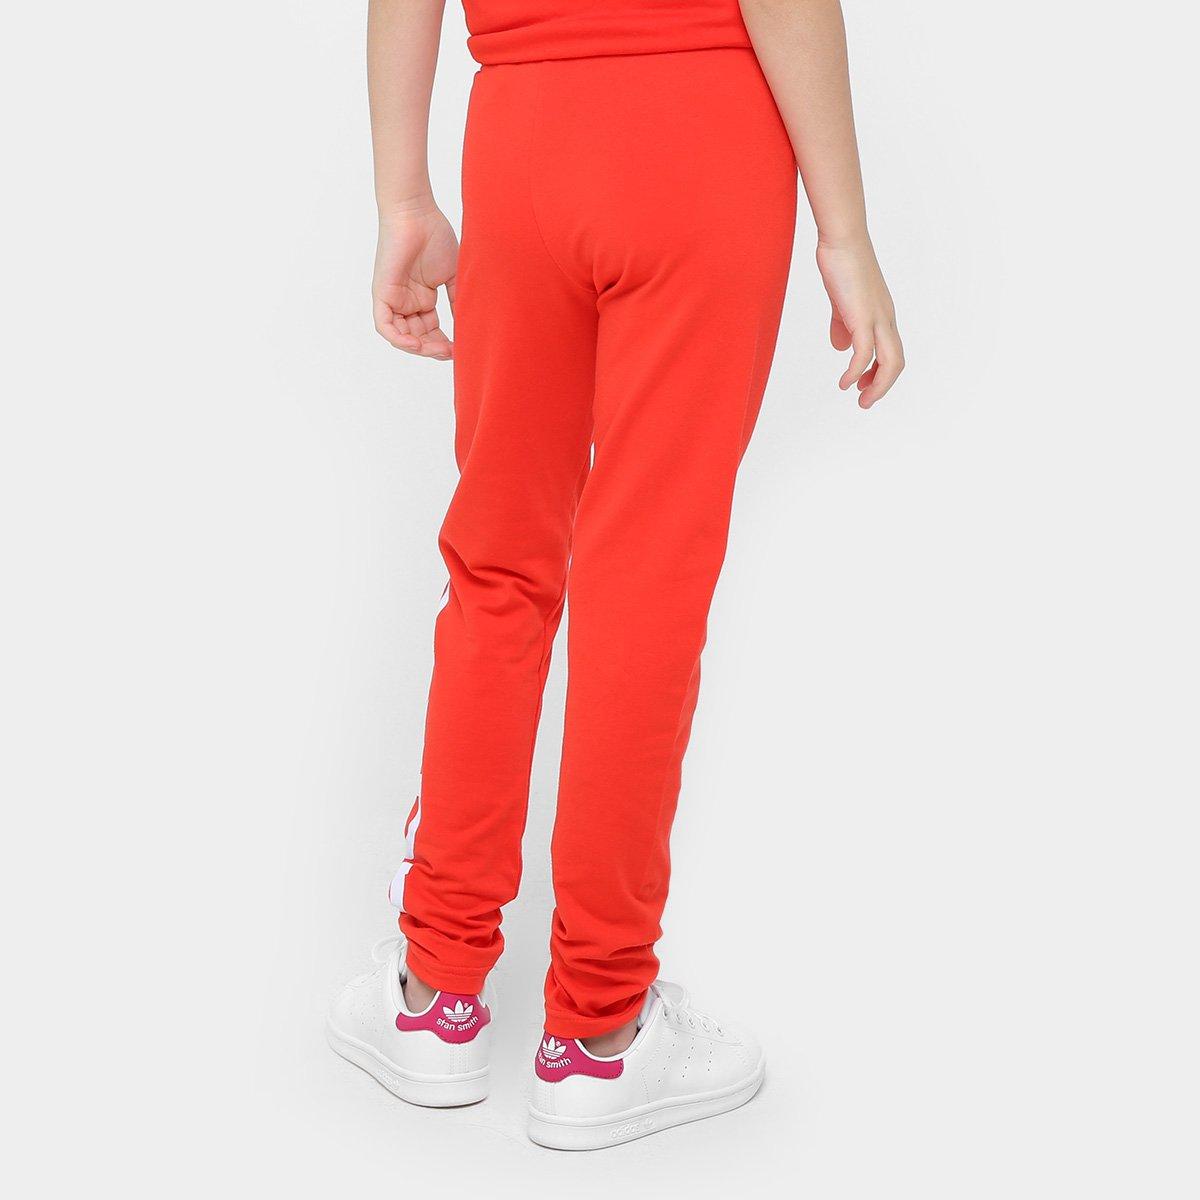 Legging Adidas Vermelho Calça Legging Infantil Linear Calça Vermelho Feminina Calça Infantil Legging Infantil Linear Feminina Adidas nxxafTqw